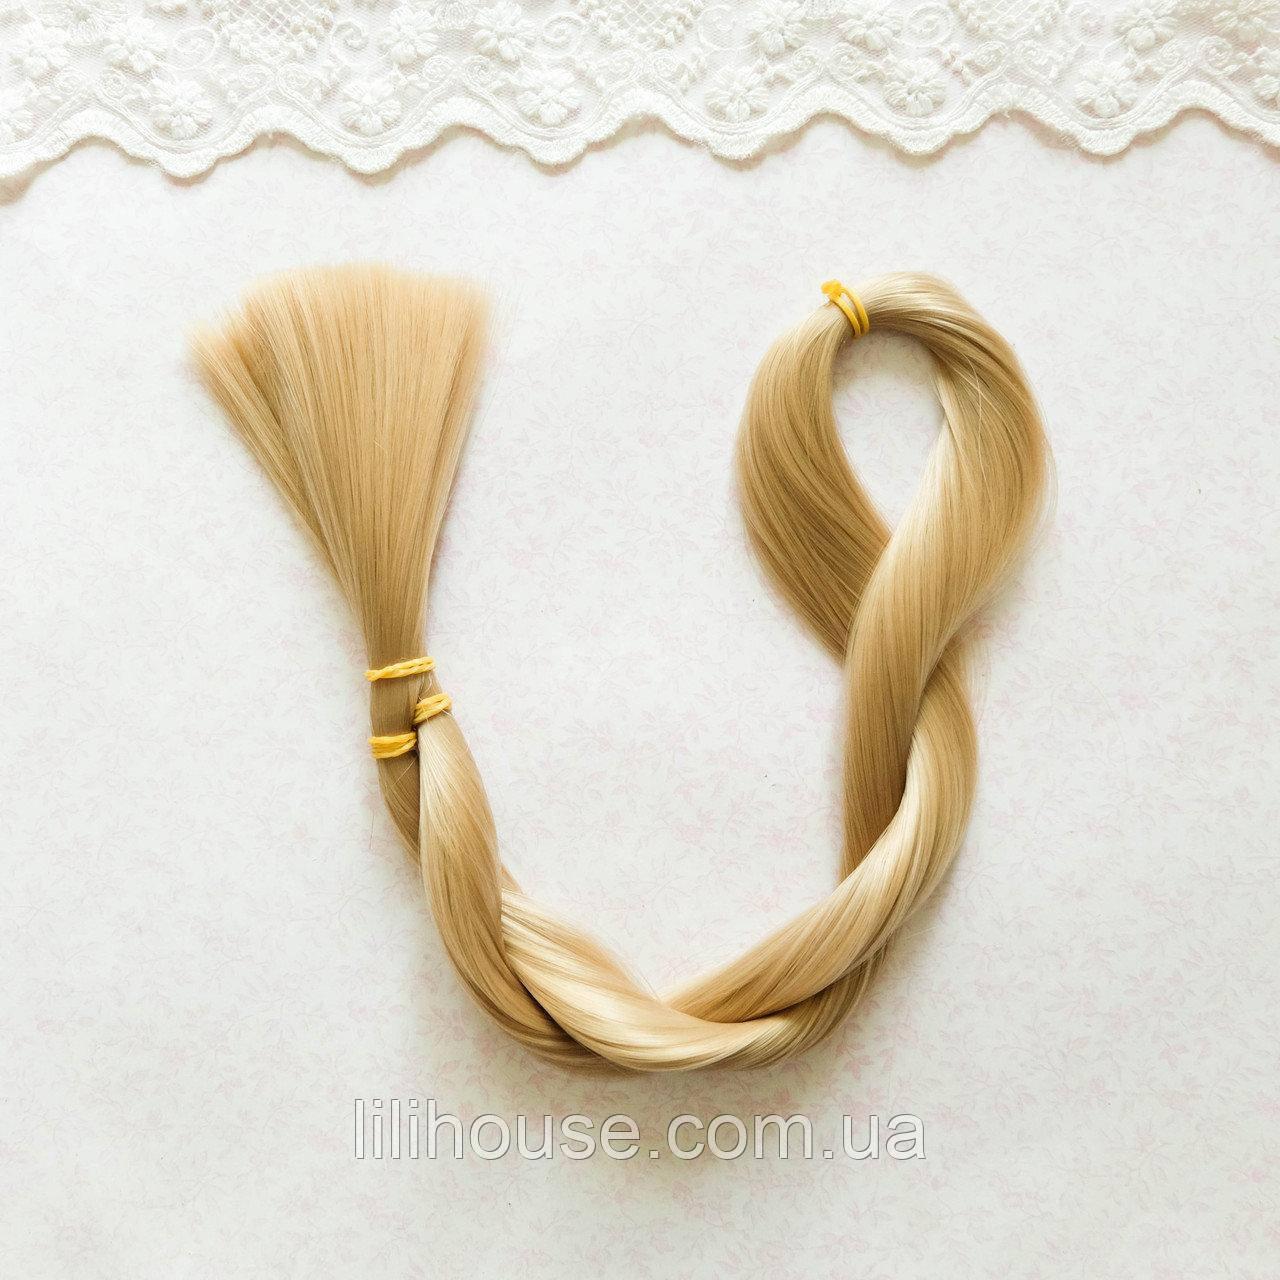 Волосы для Кукол для Перепрошивки Шелк 80 см Люрекс Холодный ПЕПЕЛЬНЫЙ БЛОНД  50 гр